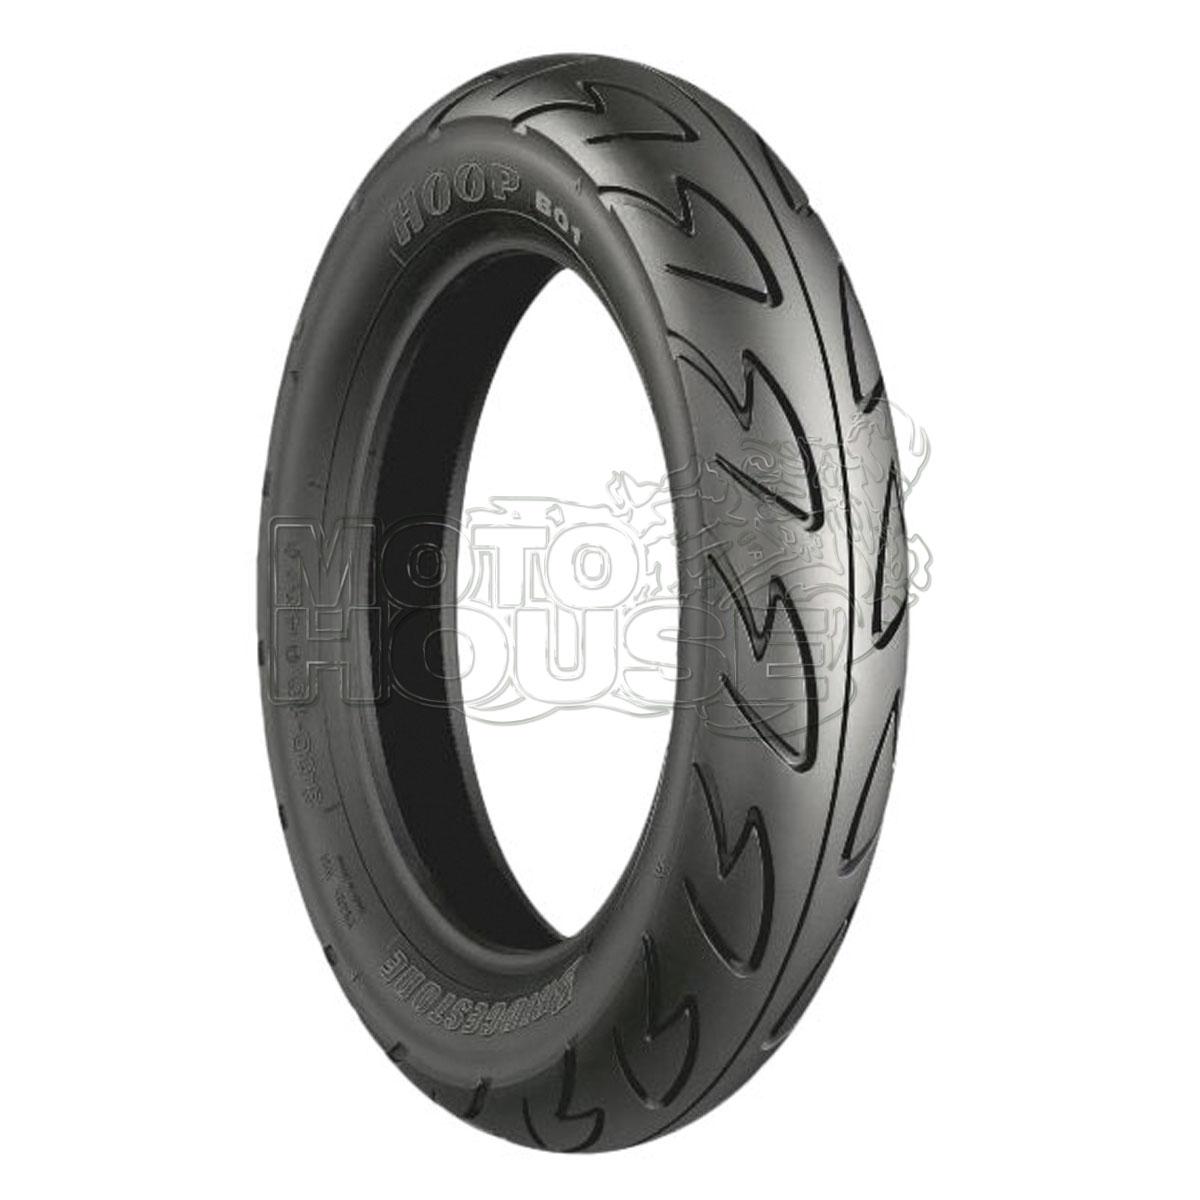 Llanta P/ Motocicleta Bridgestone Hoop B01 3.50-10 59j D/t